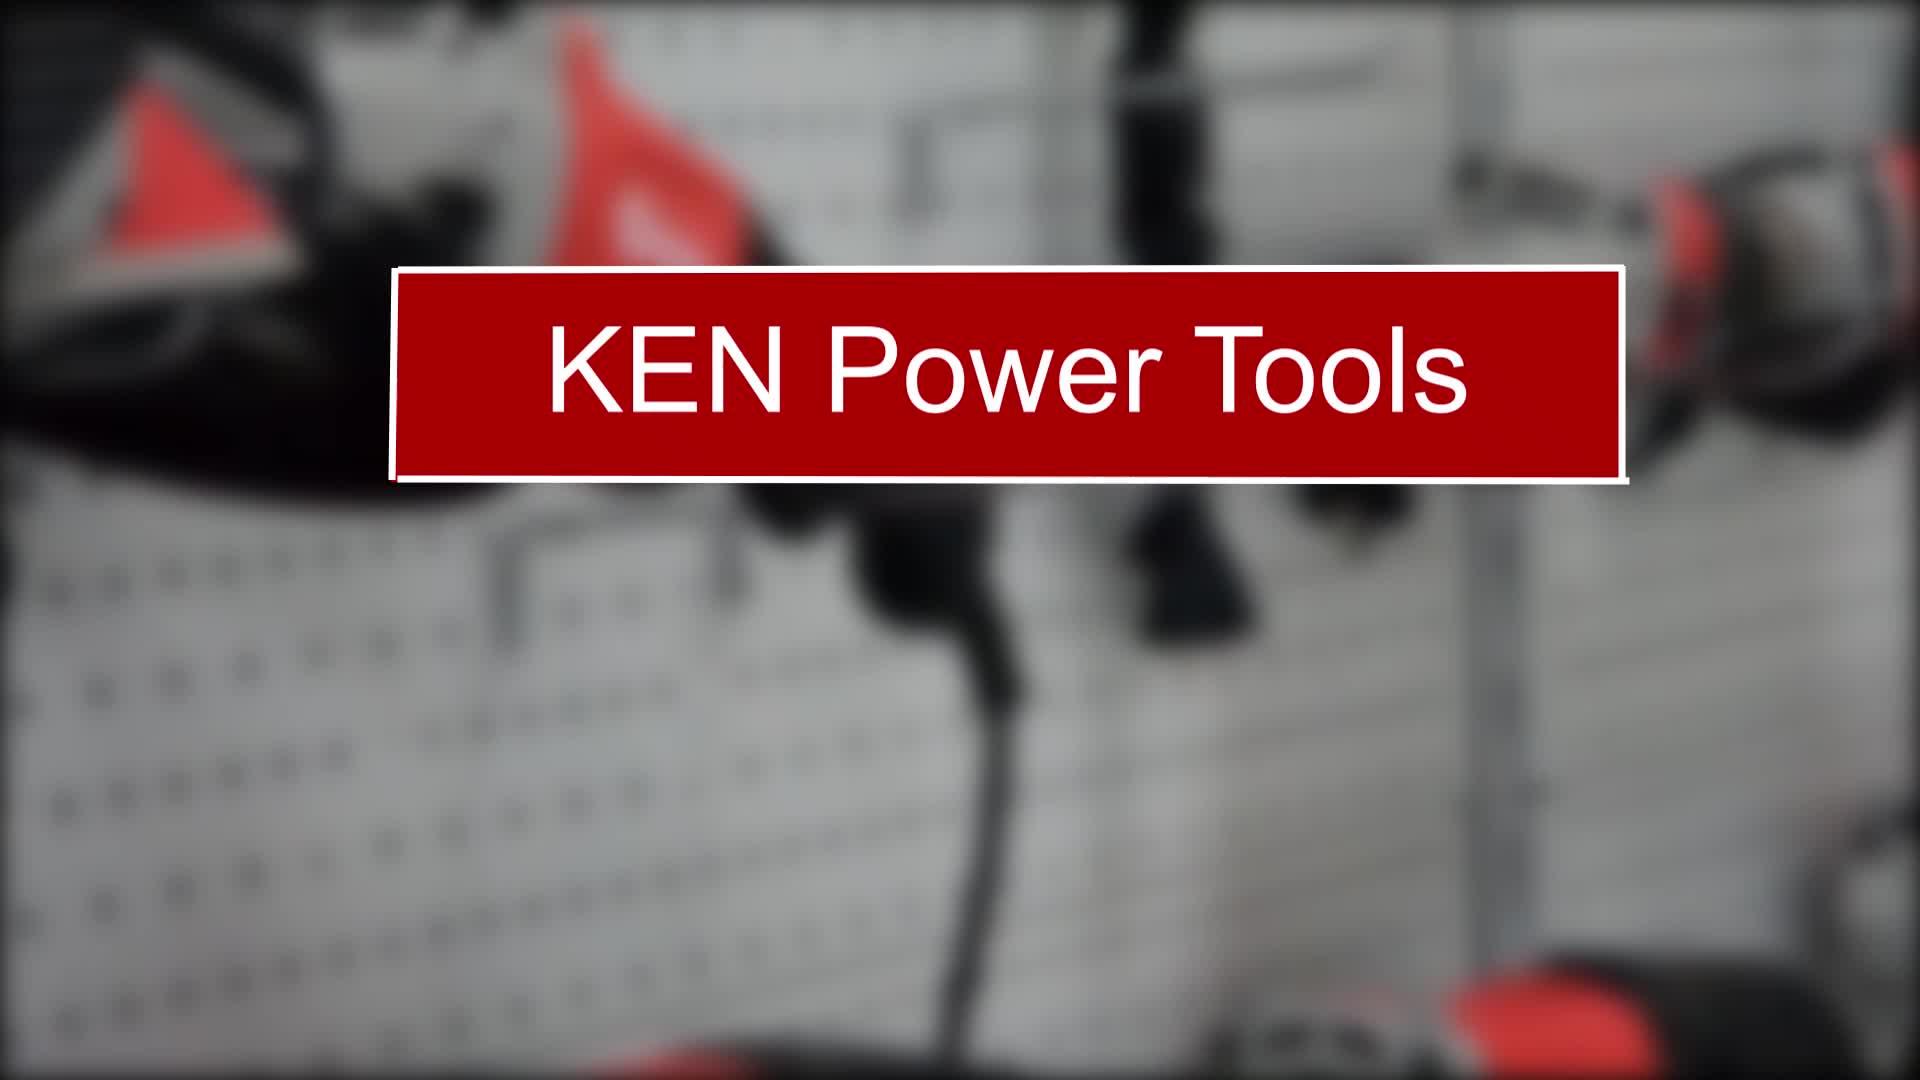 KEN Power Tools Fabriek Draadloze Boor Lithium batterij Boor oplaadbare 12V boor met dubbele snelheid